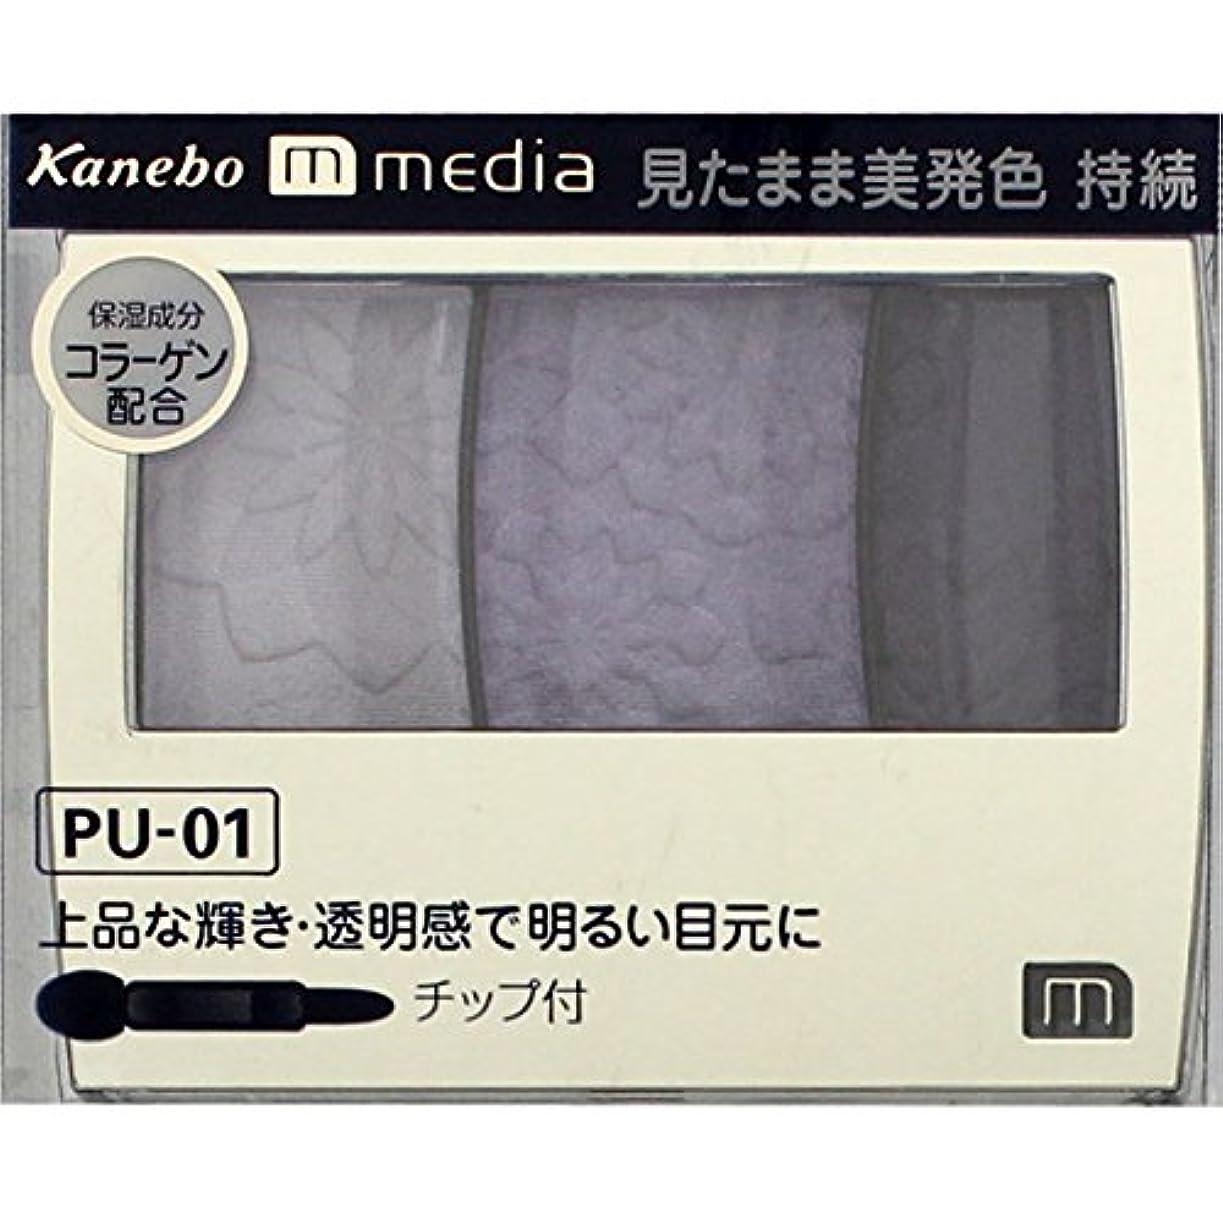 親密な石膏リンクカネボウ メディア(media)グラデカラーアイシャドウ カラー:PU-01